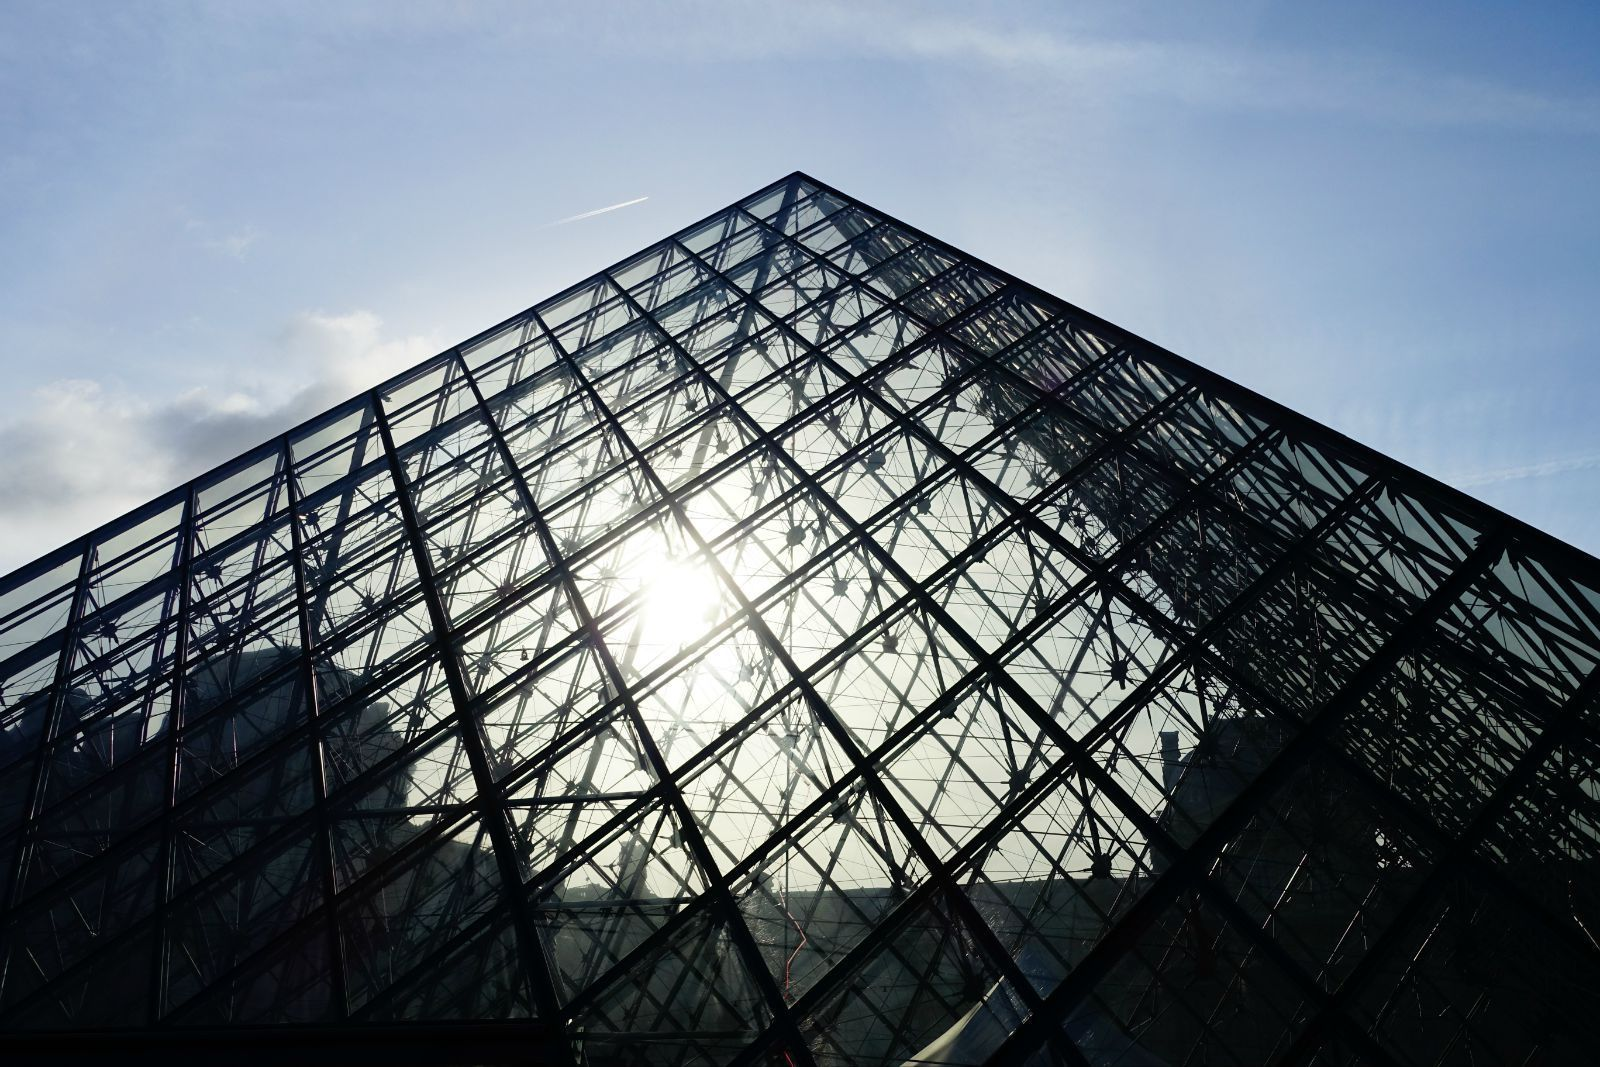 卢浮宫的金字塔,实际上是三个陈列馆的地下入口